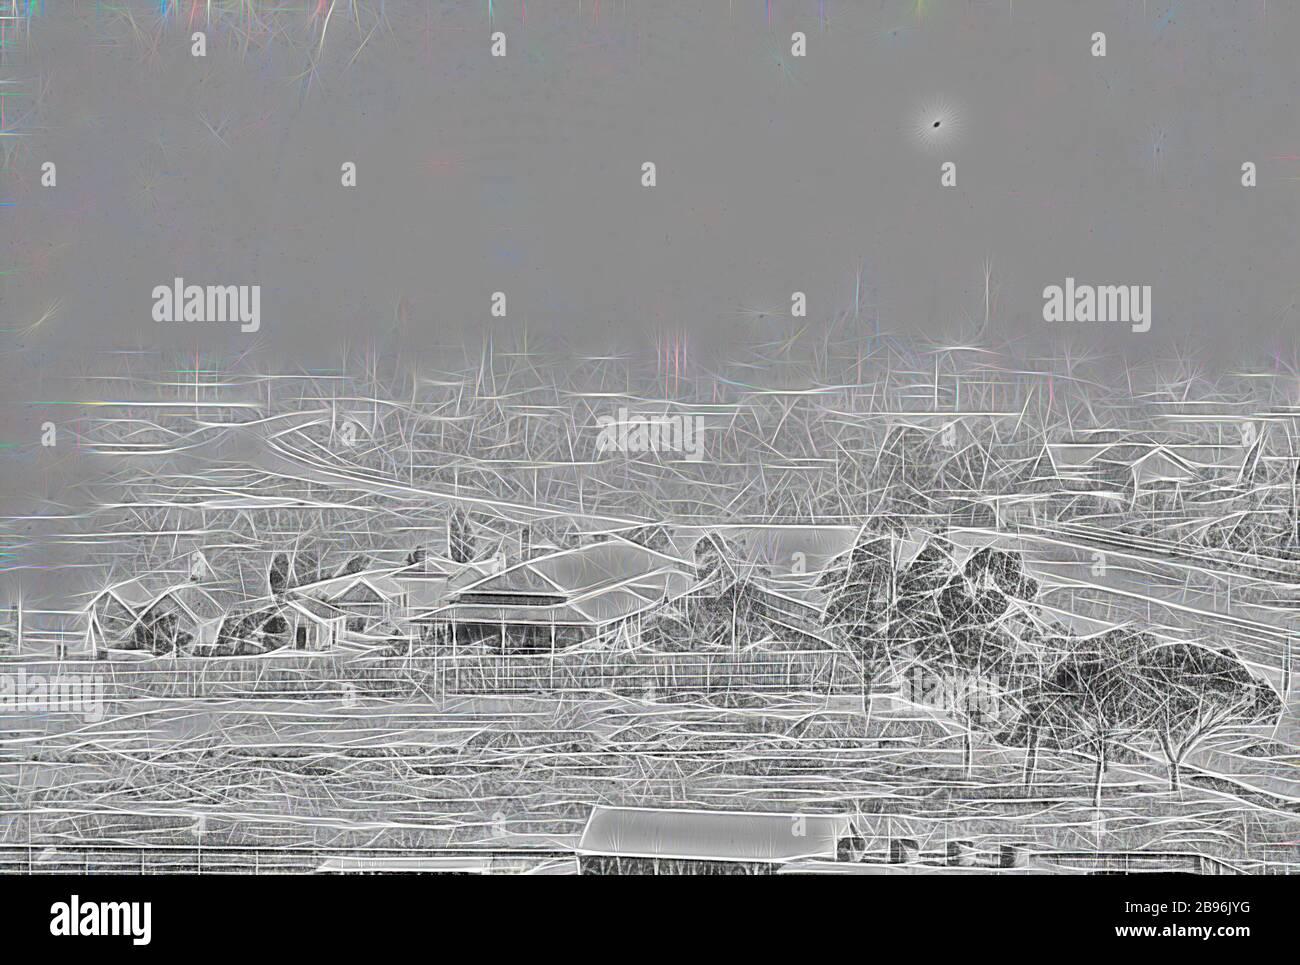 Négatif - Melbourne, Victoria, vers 1885, Melbourne de St Kilda Rd., repensée par Gibon, design de gai chaleureux et gai de luminosité et de rayons de lumière radiance. L'art classique réinventé avec une touche moderne. La photographie inspirée du futurisme, qui embrasse l'énergie dynamique de la technologie moderne, du mouvement, de la vitesse et révolutionne la culture. Banque D'Images